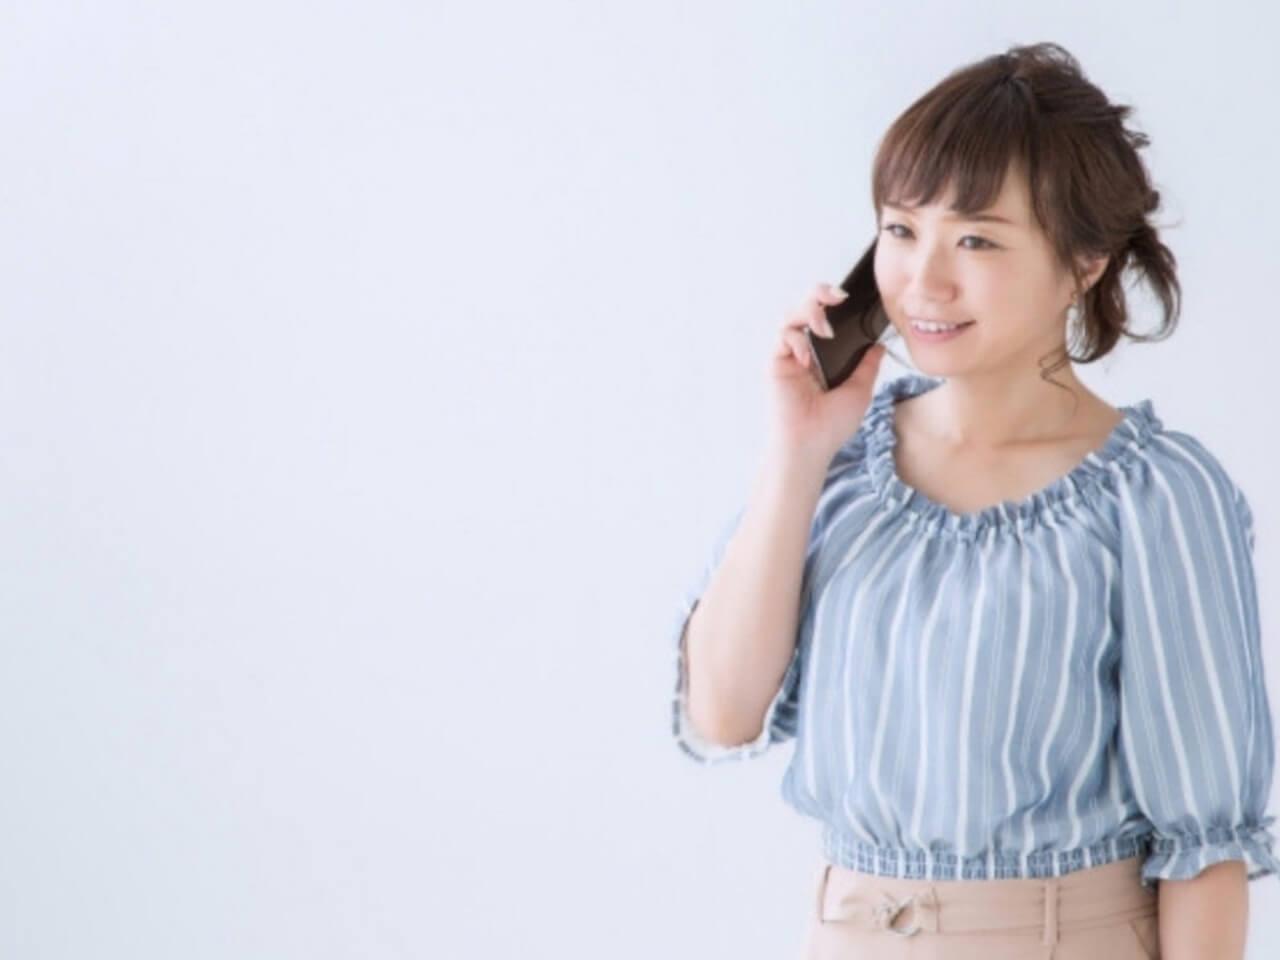 携帯電話で笑顔で話しをする女性